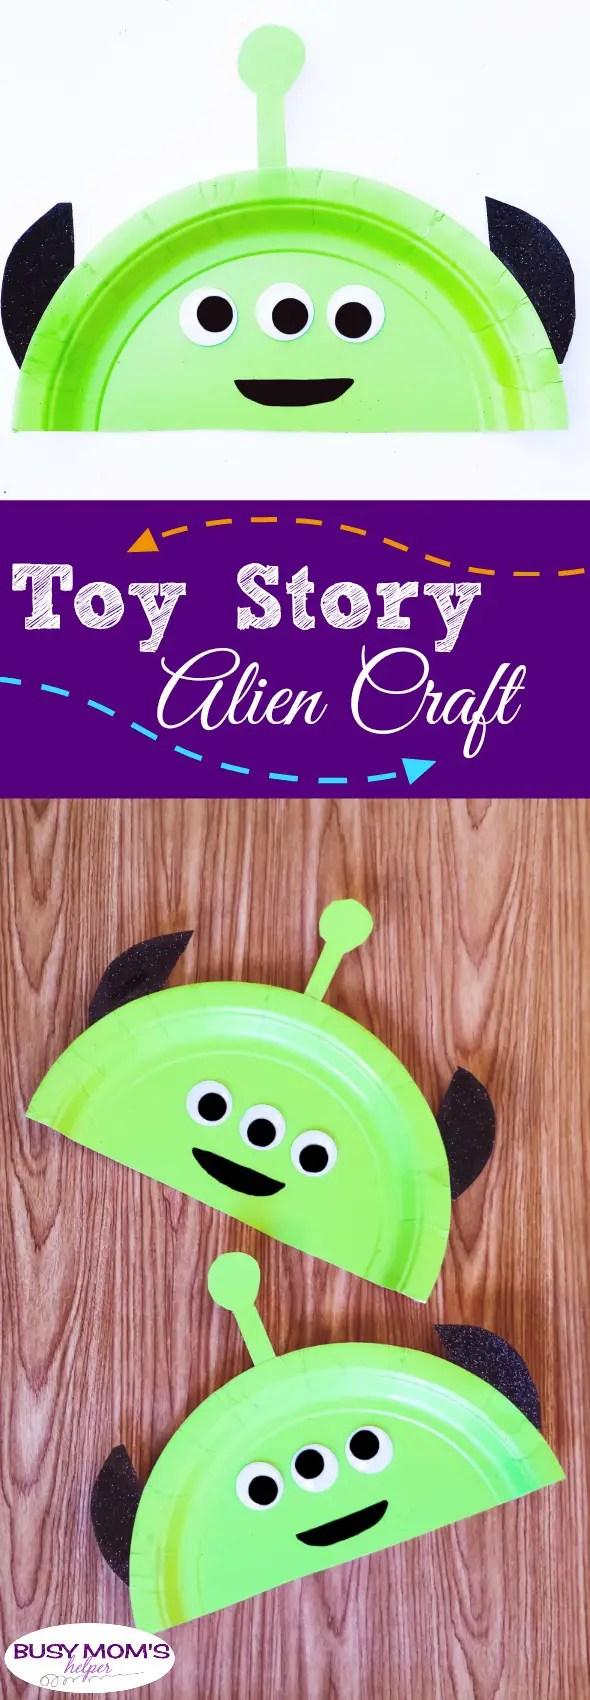 Toy Story Alien Craft #toystory #disney #kidcraft #disneycraft #aliencraft #disneydiy #toystoryland #alien